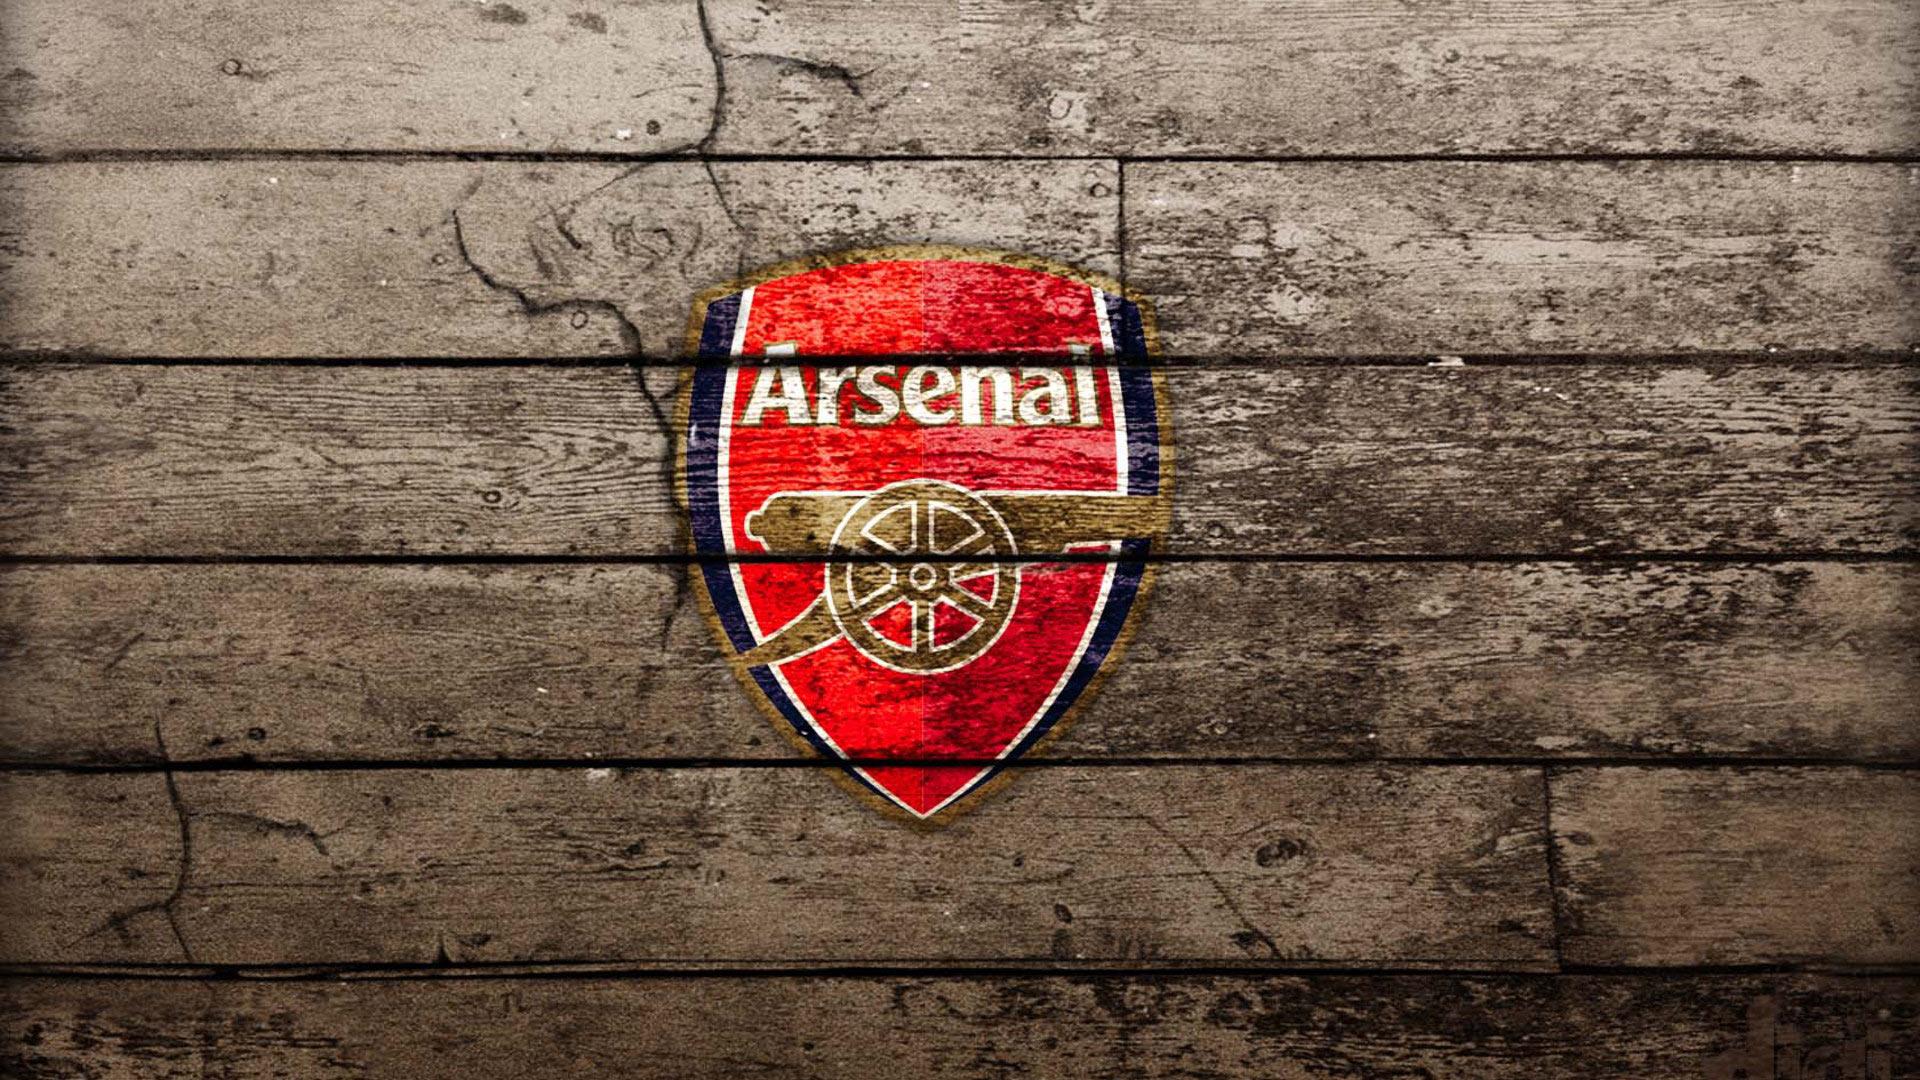 Arsenal Wallpaper 1 1920x1080